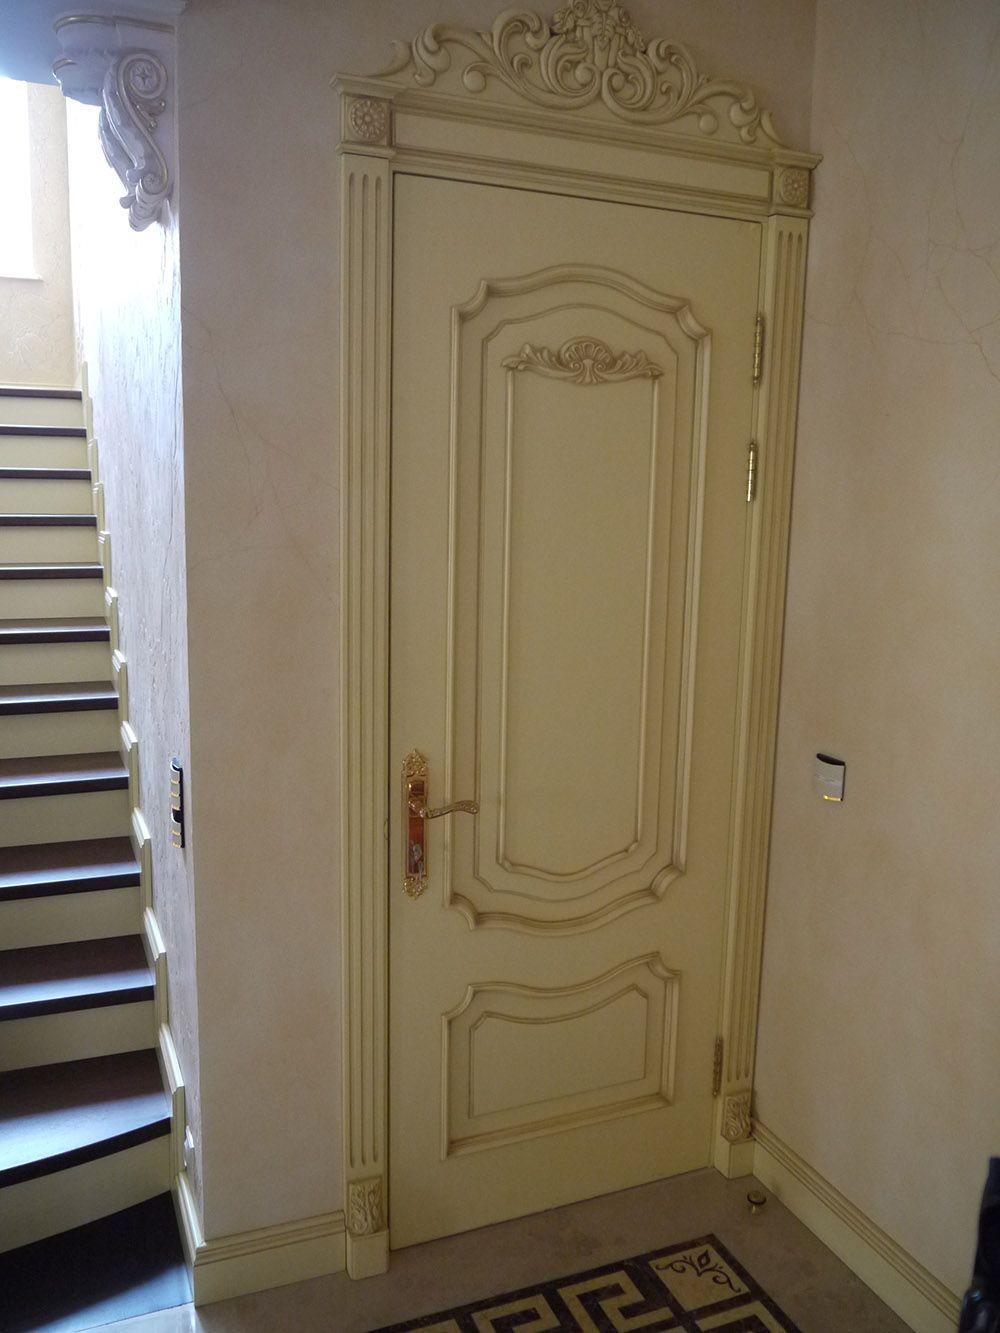 преимущества межкомнатных дверей из дерева простая и быстрая